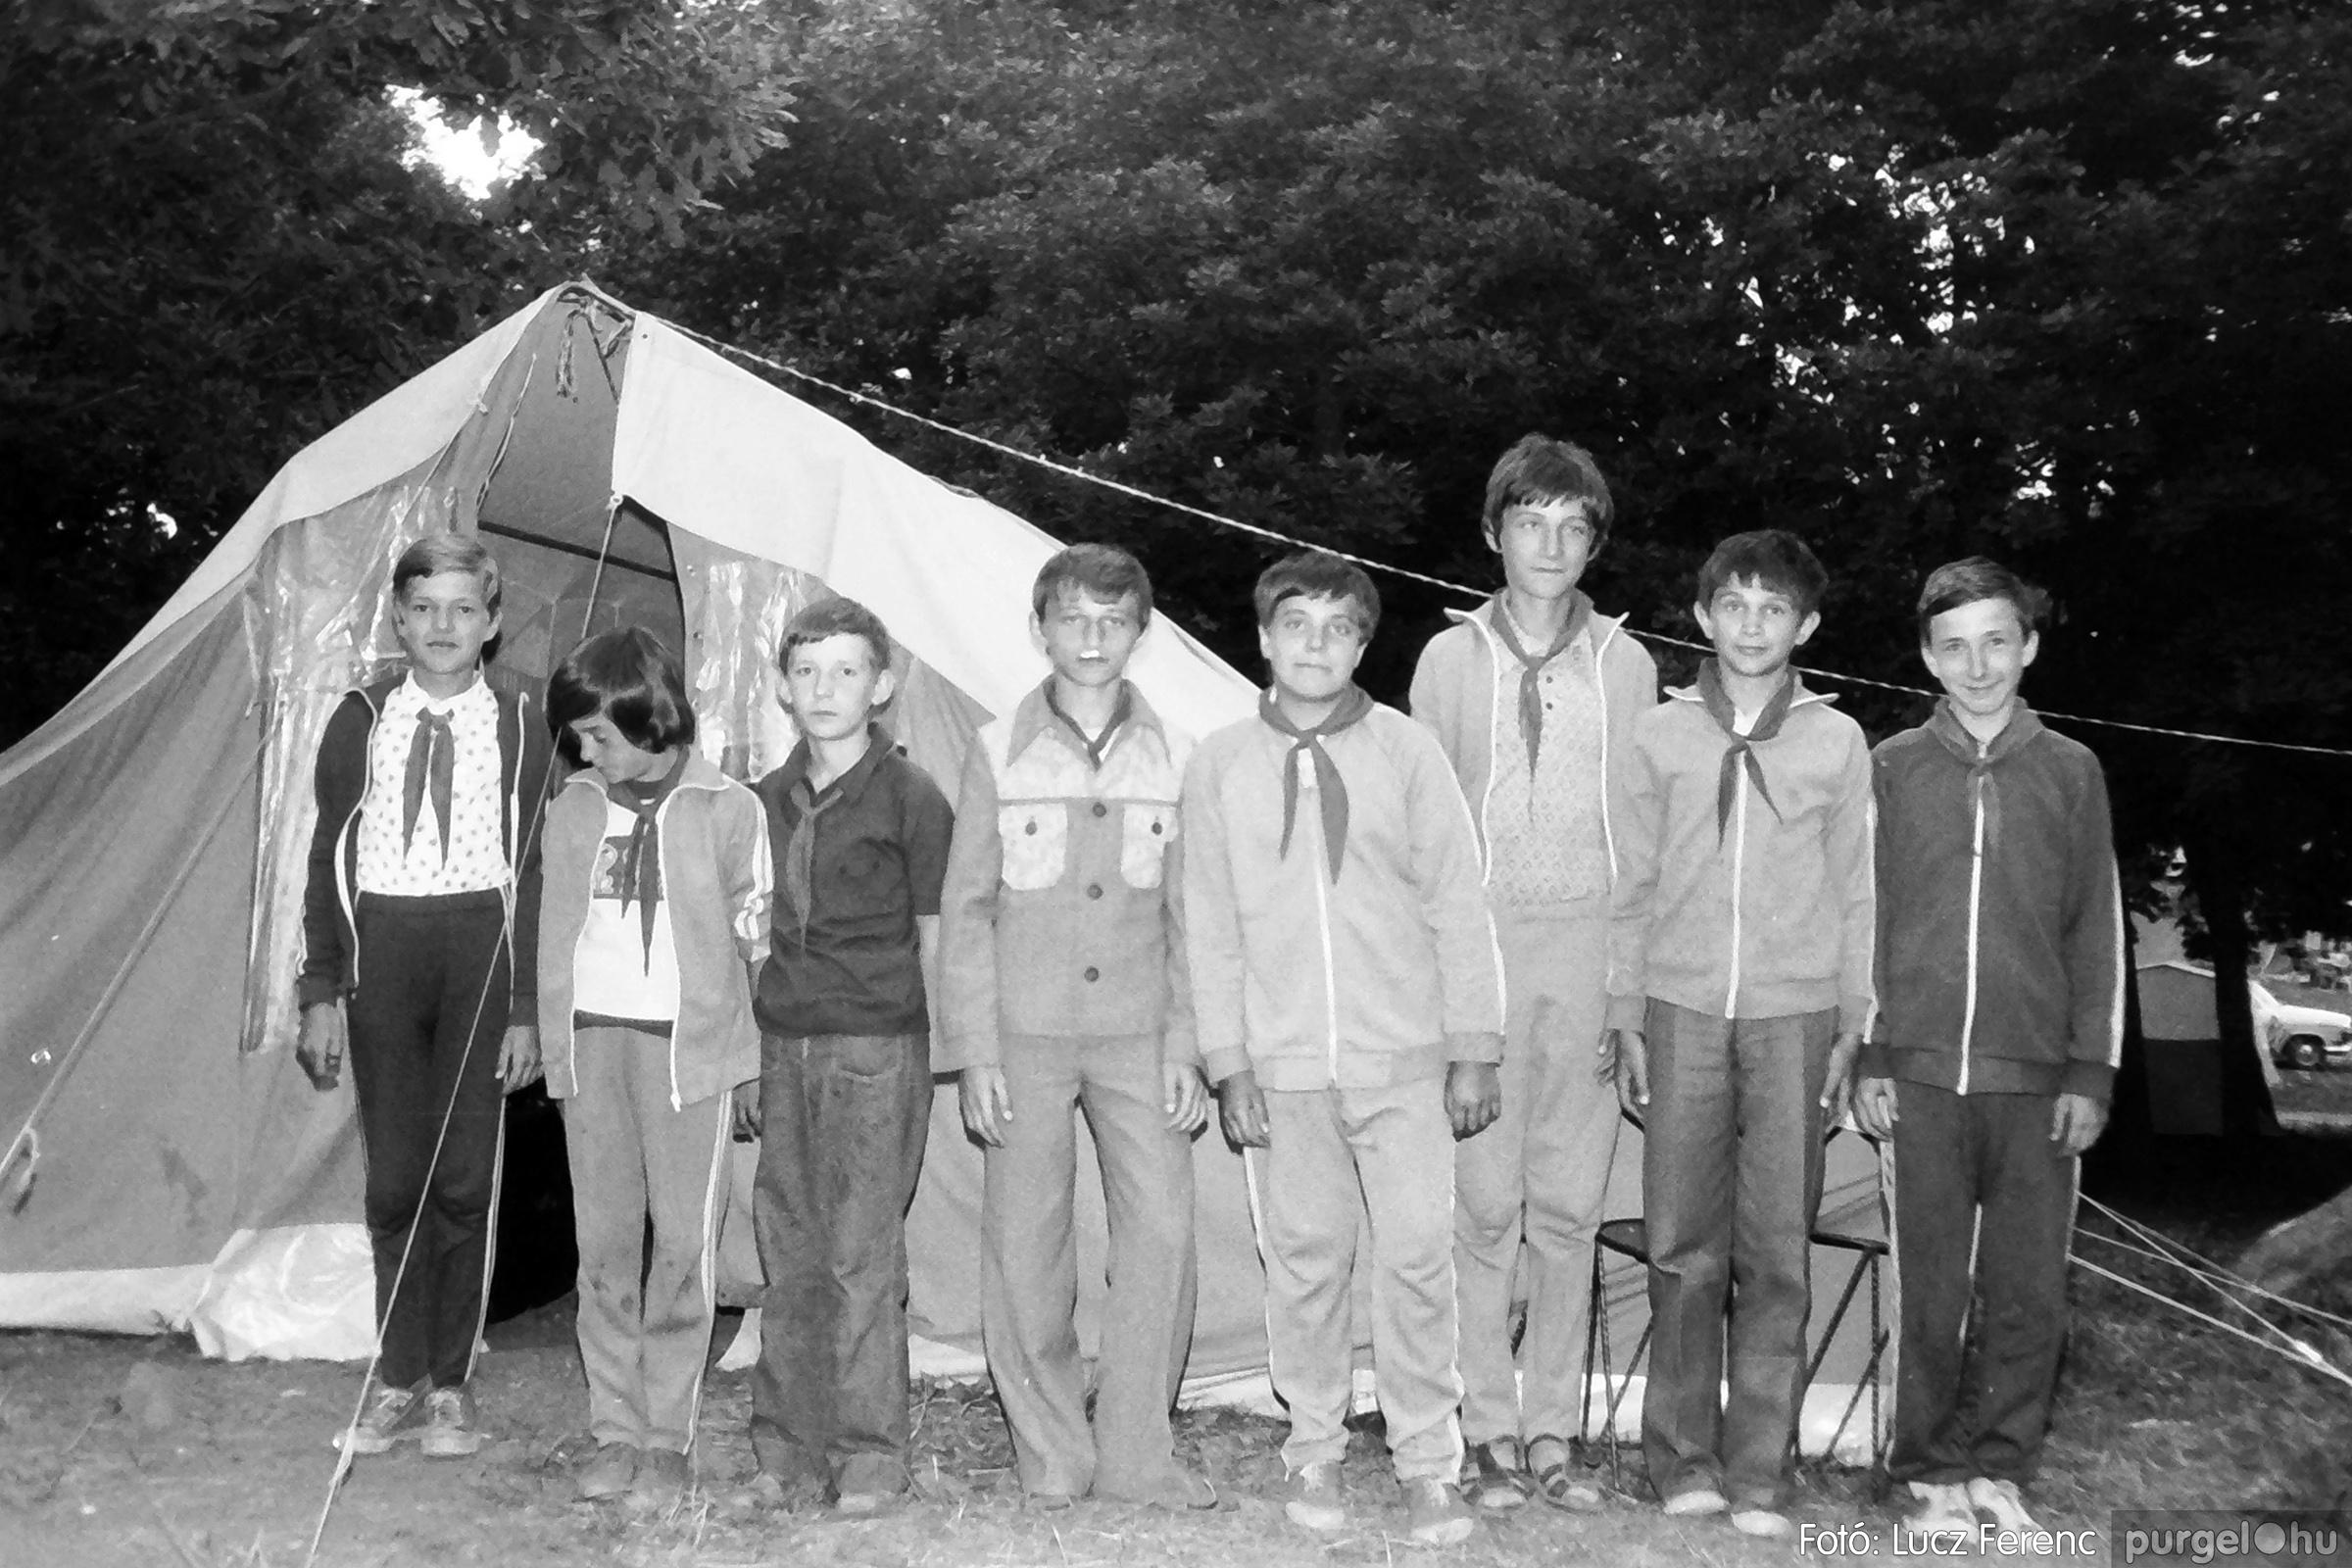 086, 088. 1977. Nyári tábor a Mátrában 056. - Fotó: Lucz Ferenc.jpg